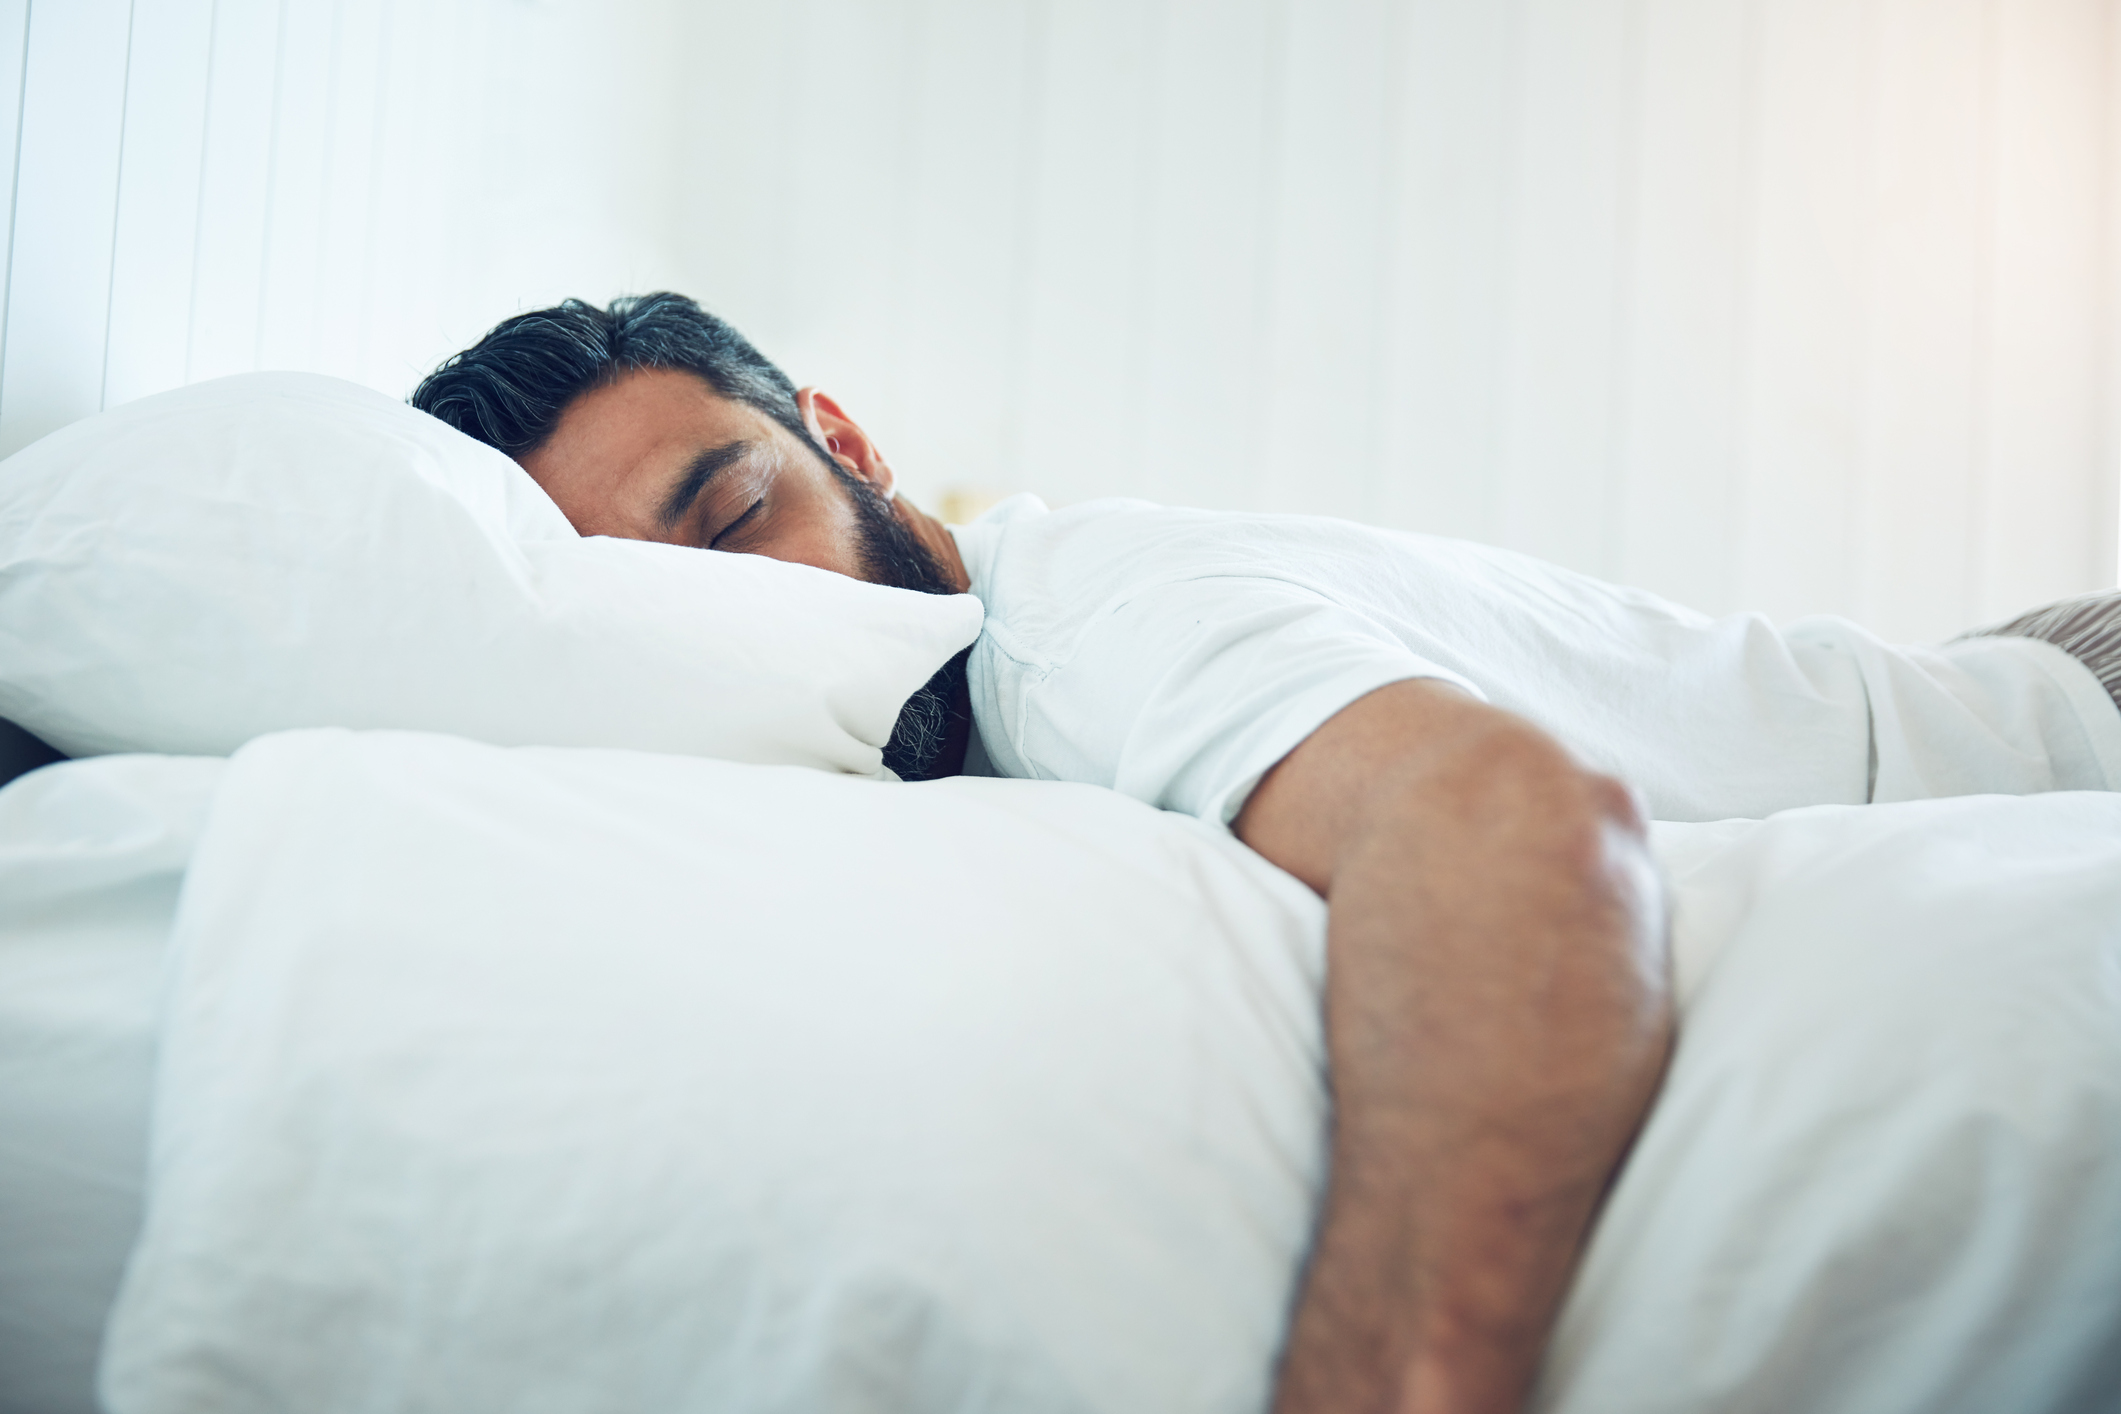 Frühjahrs-Müdigkeit? Mit diesen Tipps verbesserst du deinen Schlaf und fühlst dich fitter